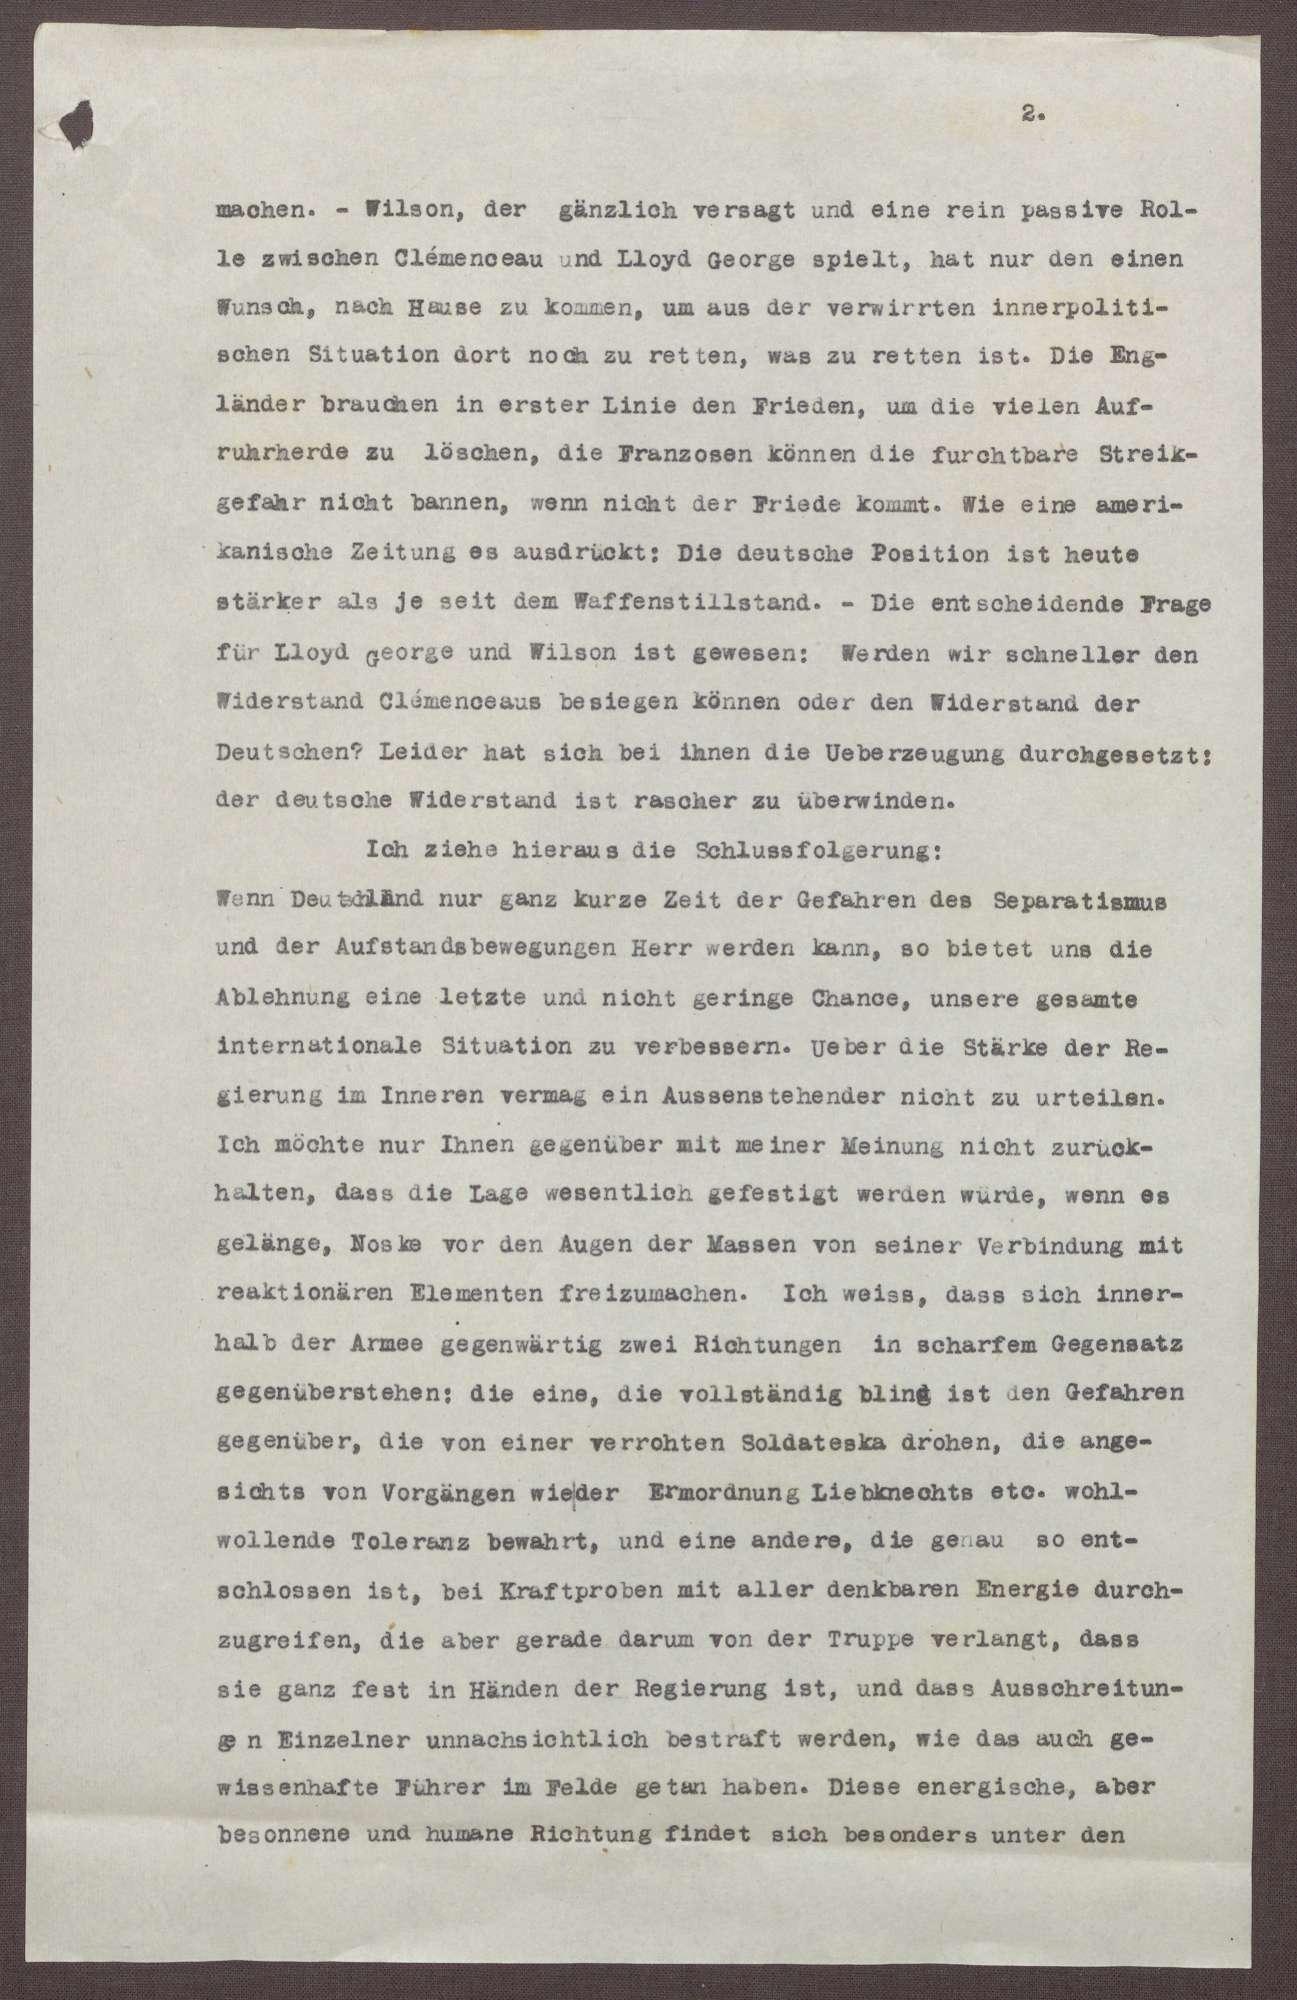 Schreiben von Prinz Max von Baden an Ludwig Haas; Ablehnung des Friedensvertrags, Verhältnis der Reichsregierung zu Preußen und zum Heer, Bild 2